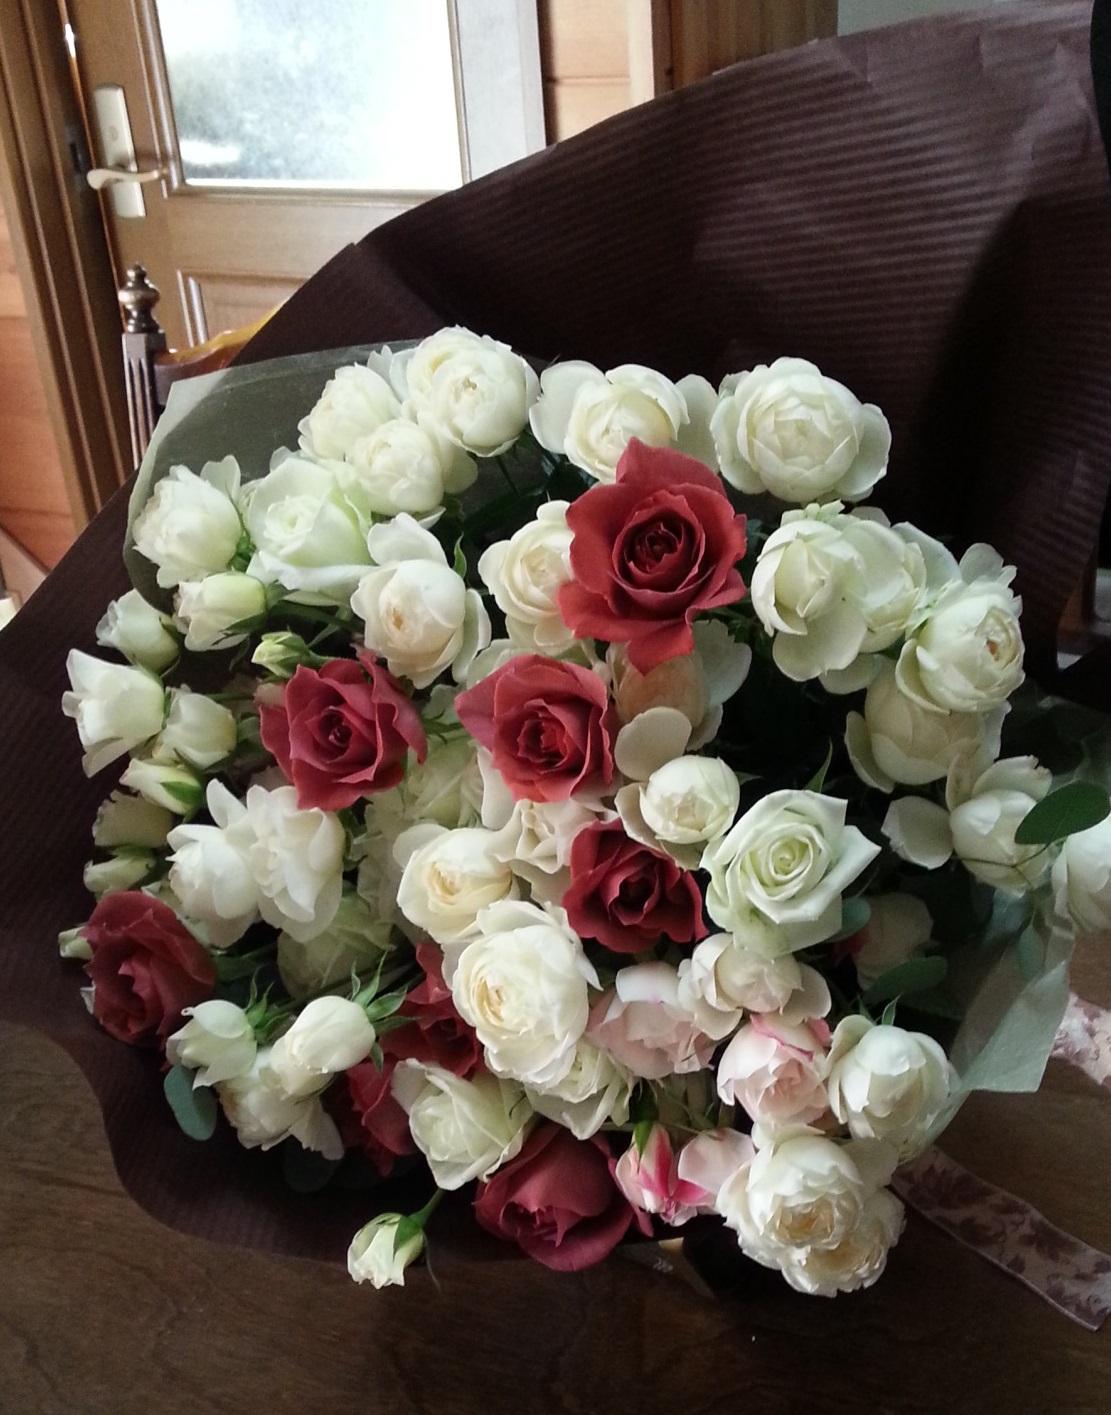 お花のギフト お嬢様からお母様へ お誕生日のバラの花束  _a0042928_1427111.jpg